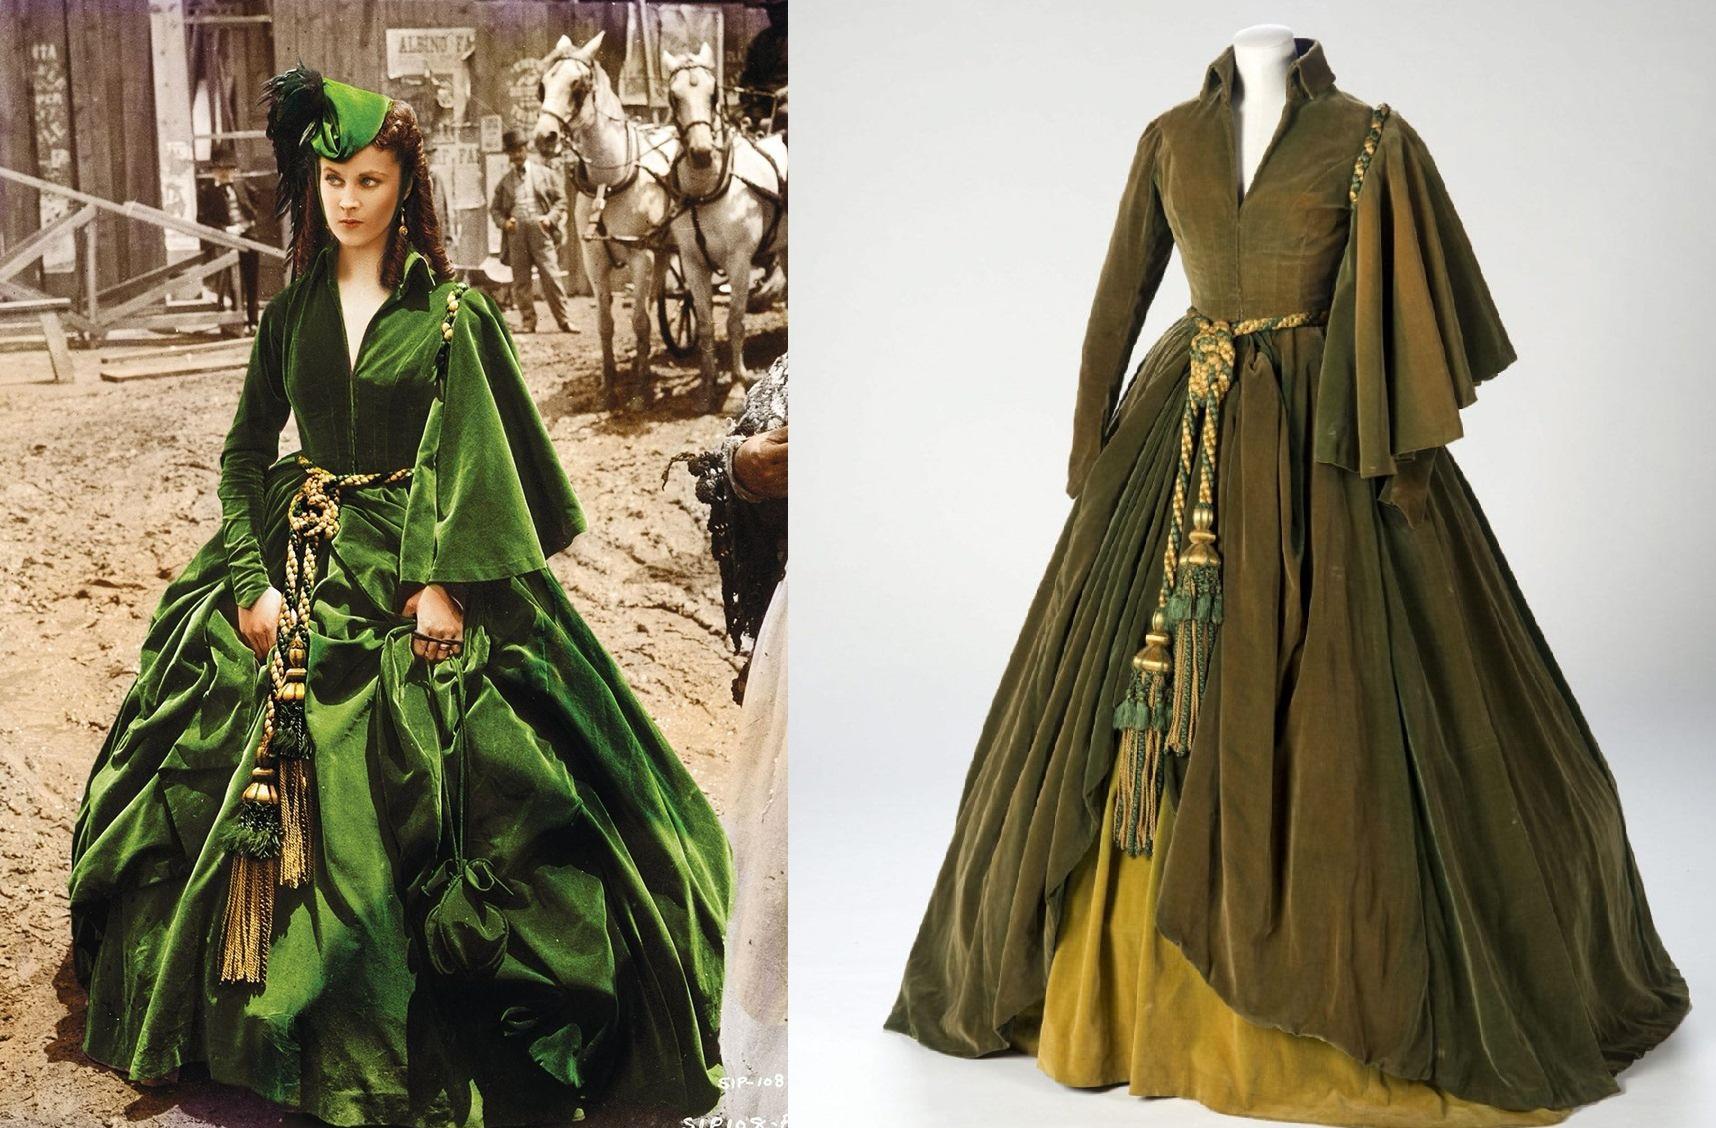 Zielona sukienka - przeminęło z wiatrem